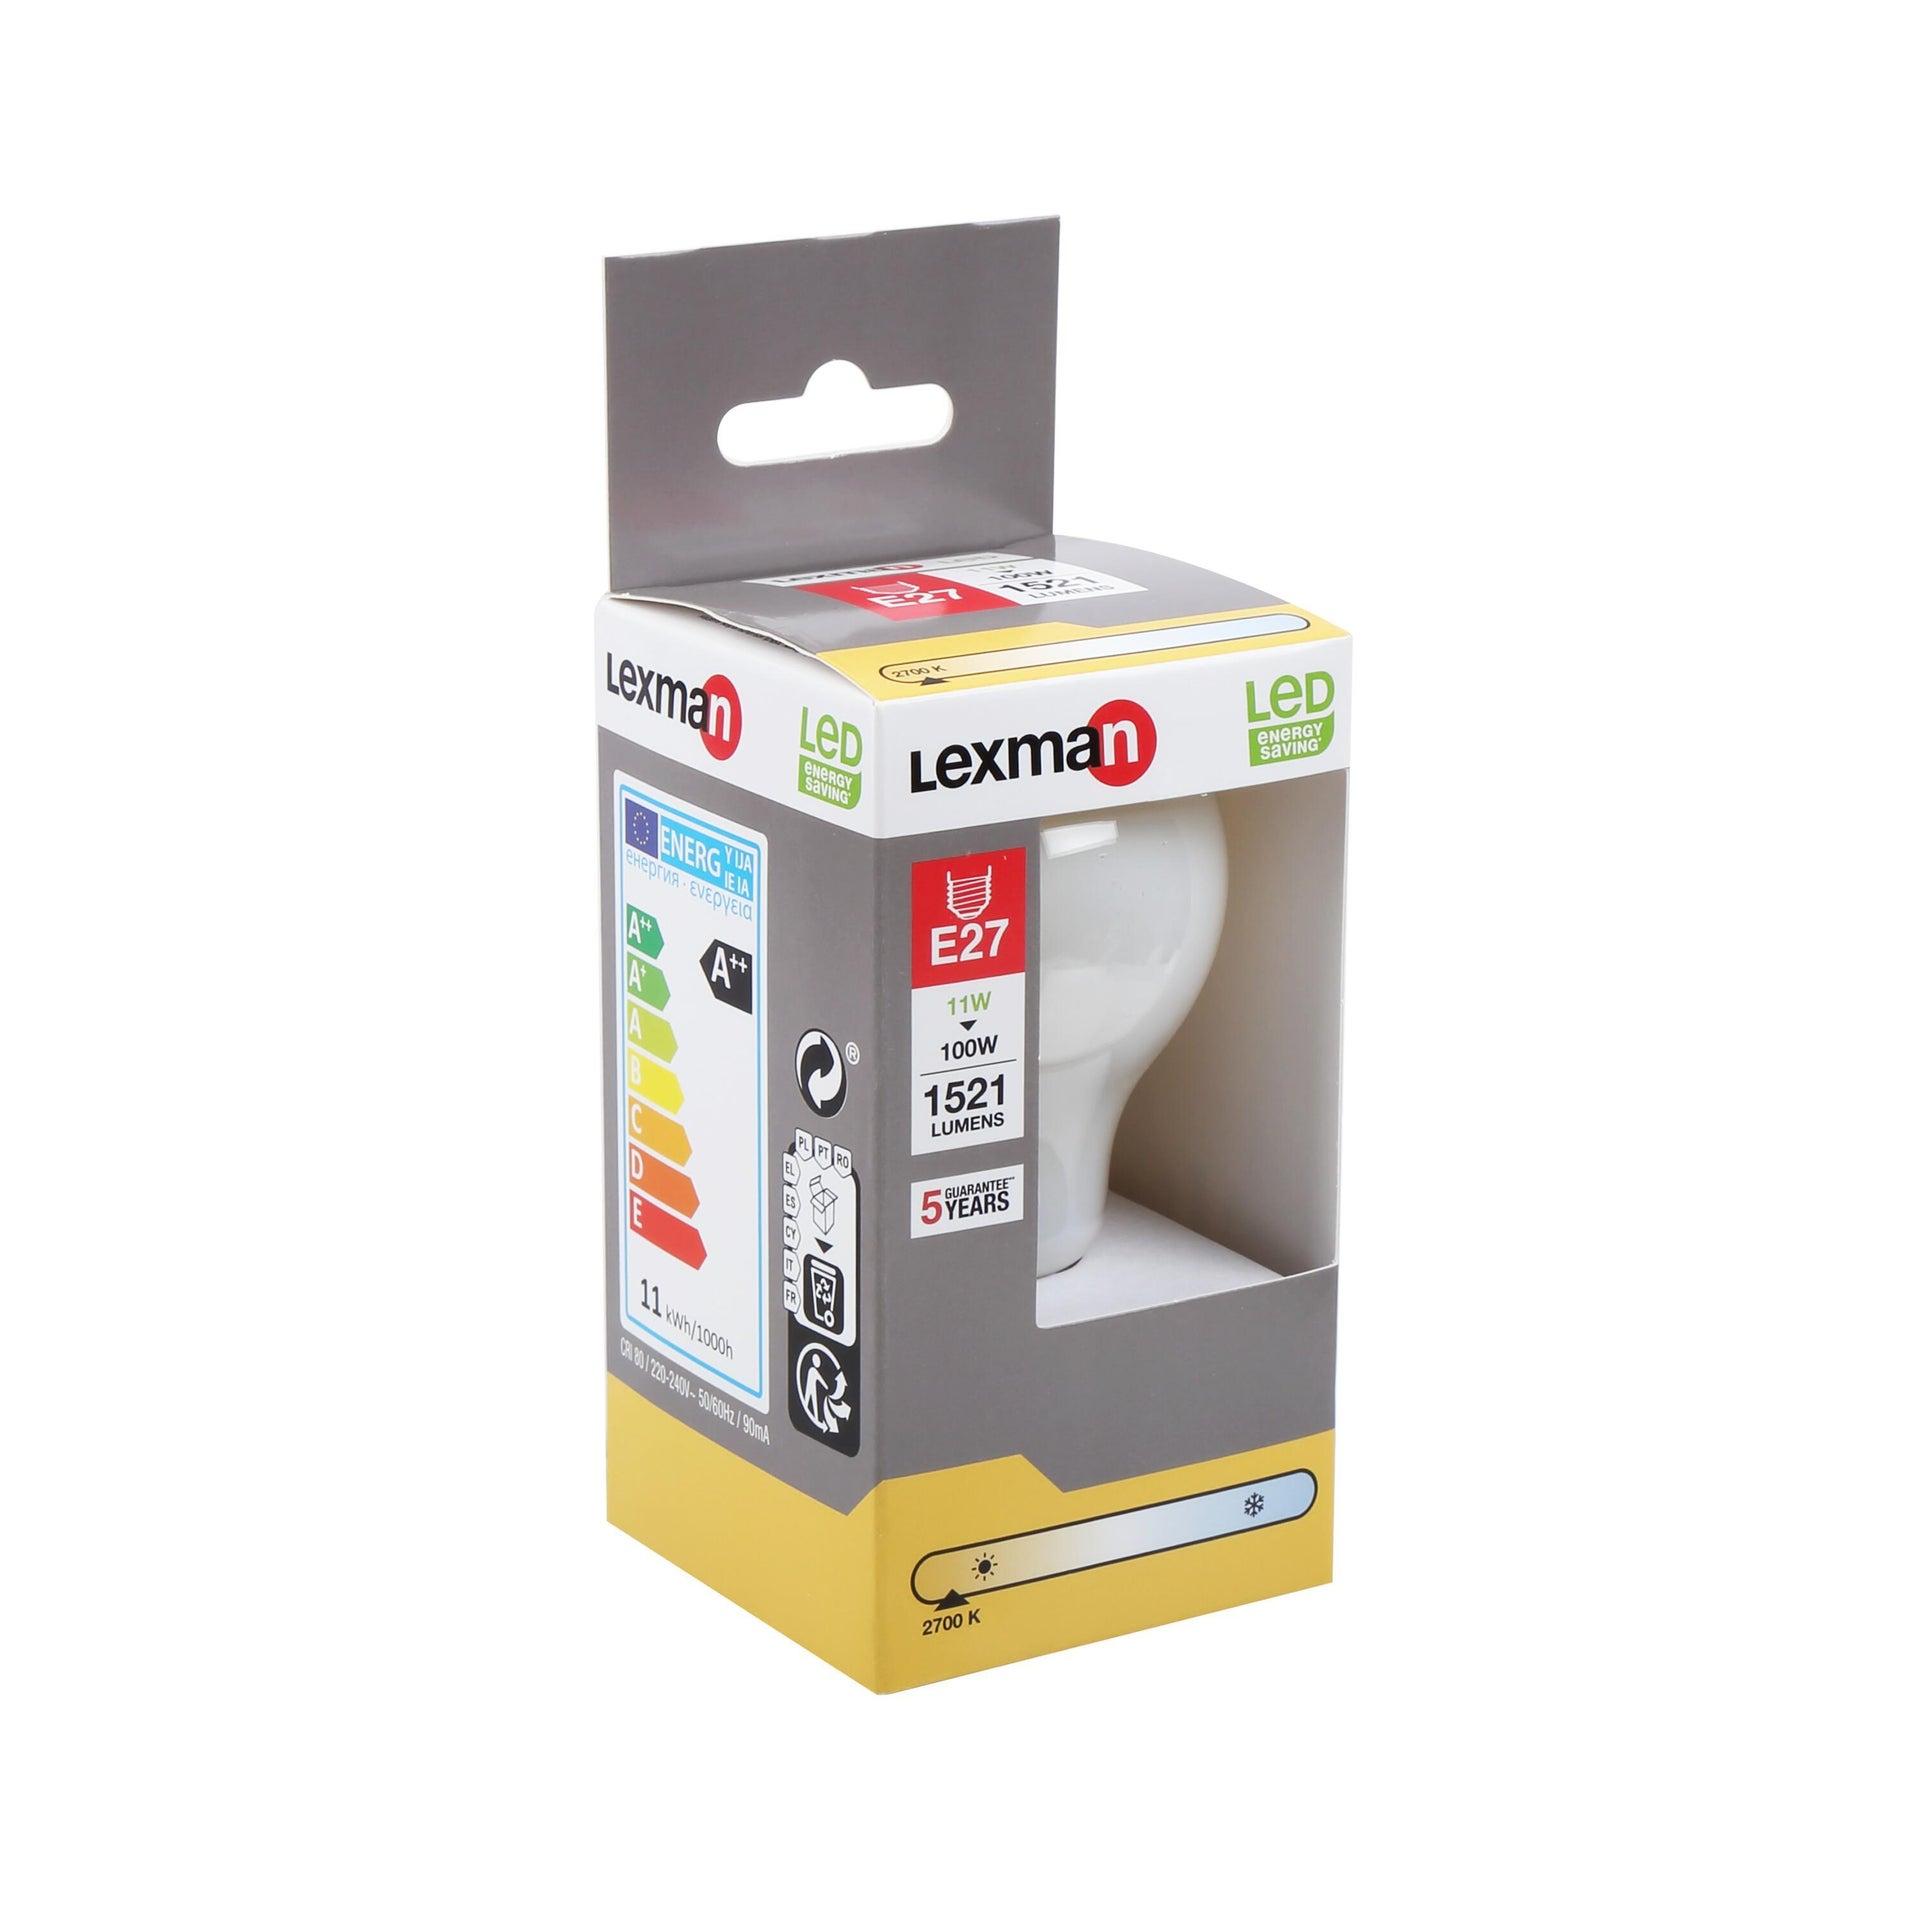 Lampadina LED filamento, E27, Goccia, Opaco, Luce calda, 11W=1521LM (equiv 100 W), 360° , LEXMAN - 9